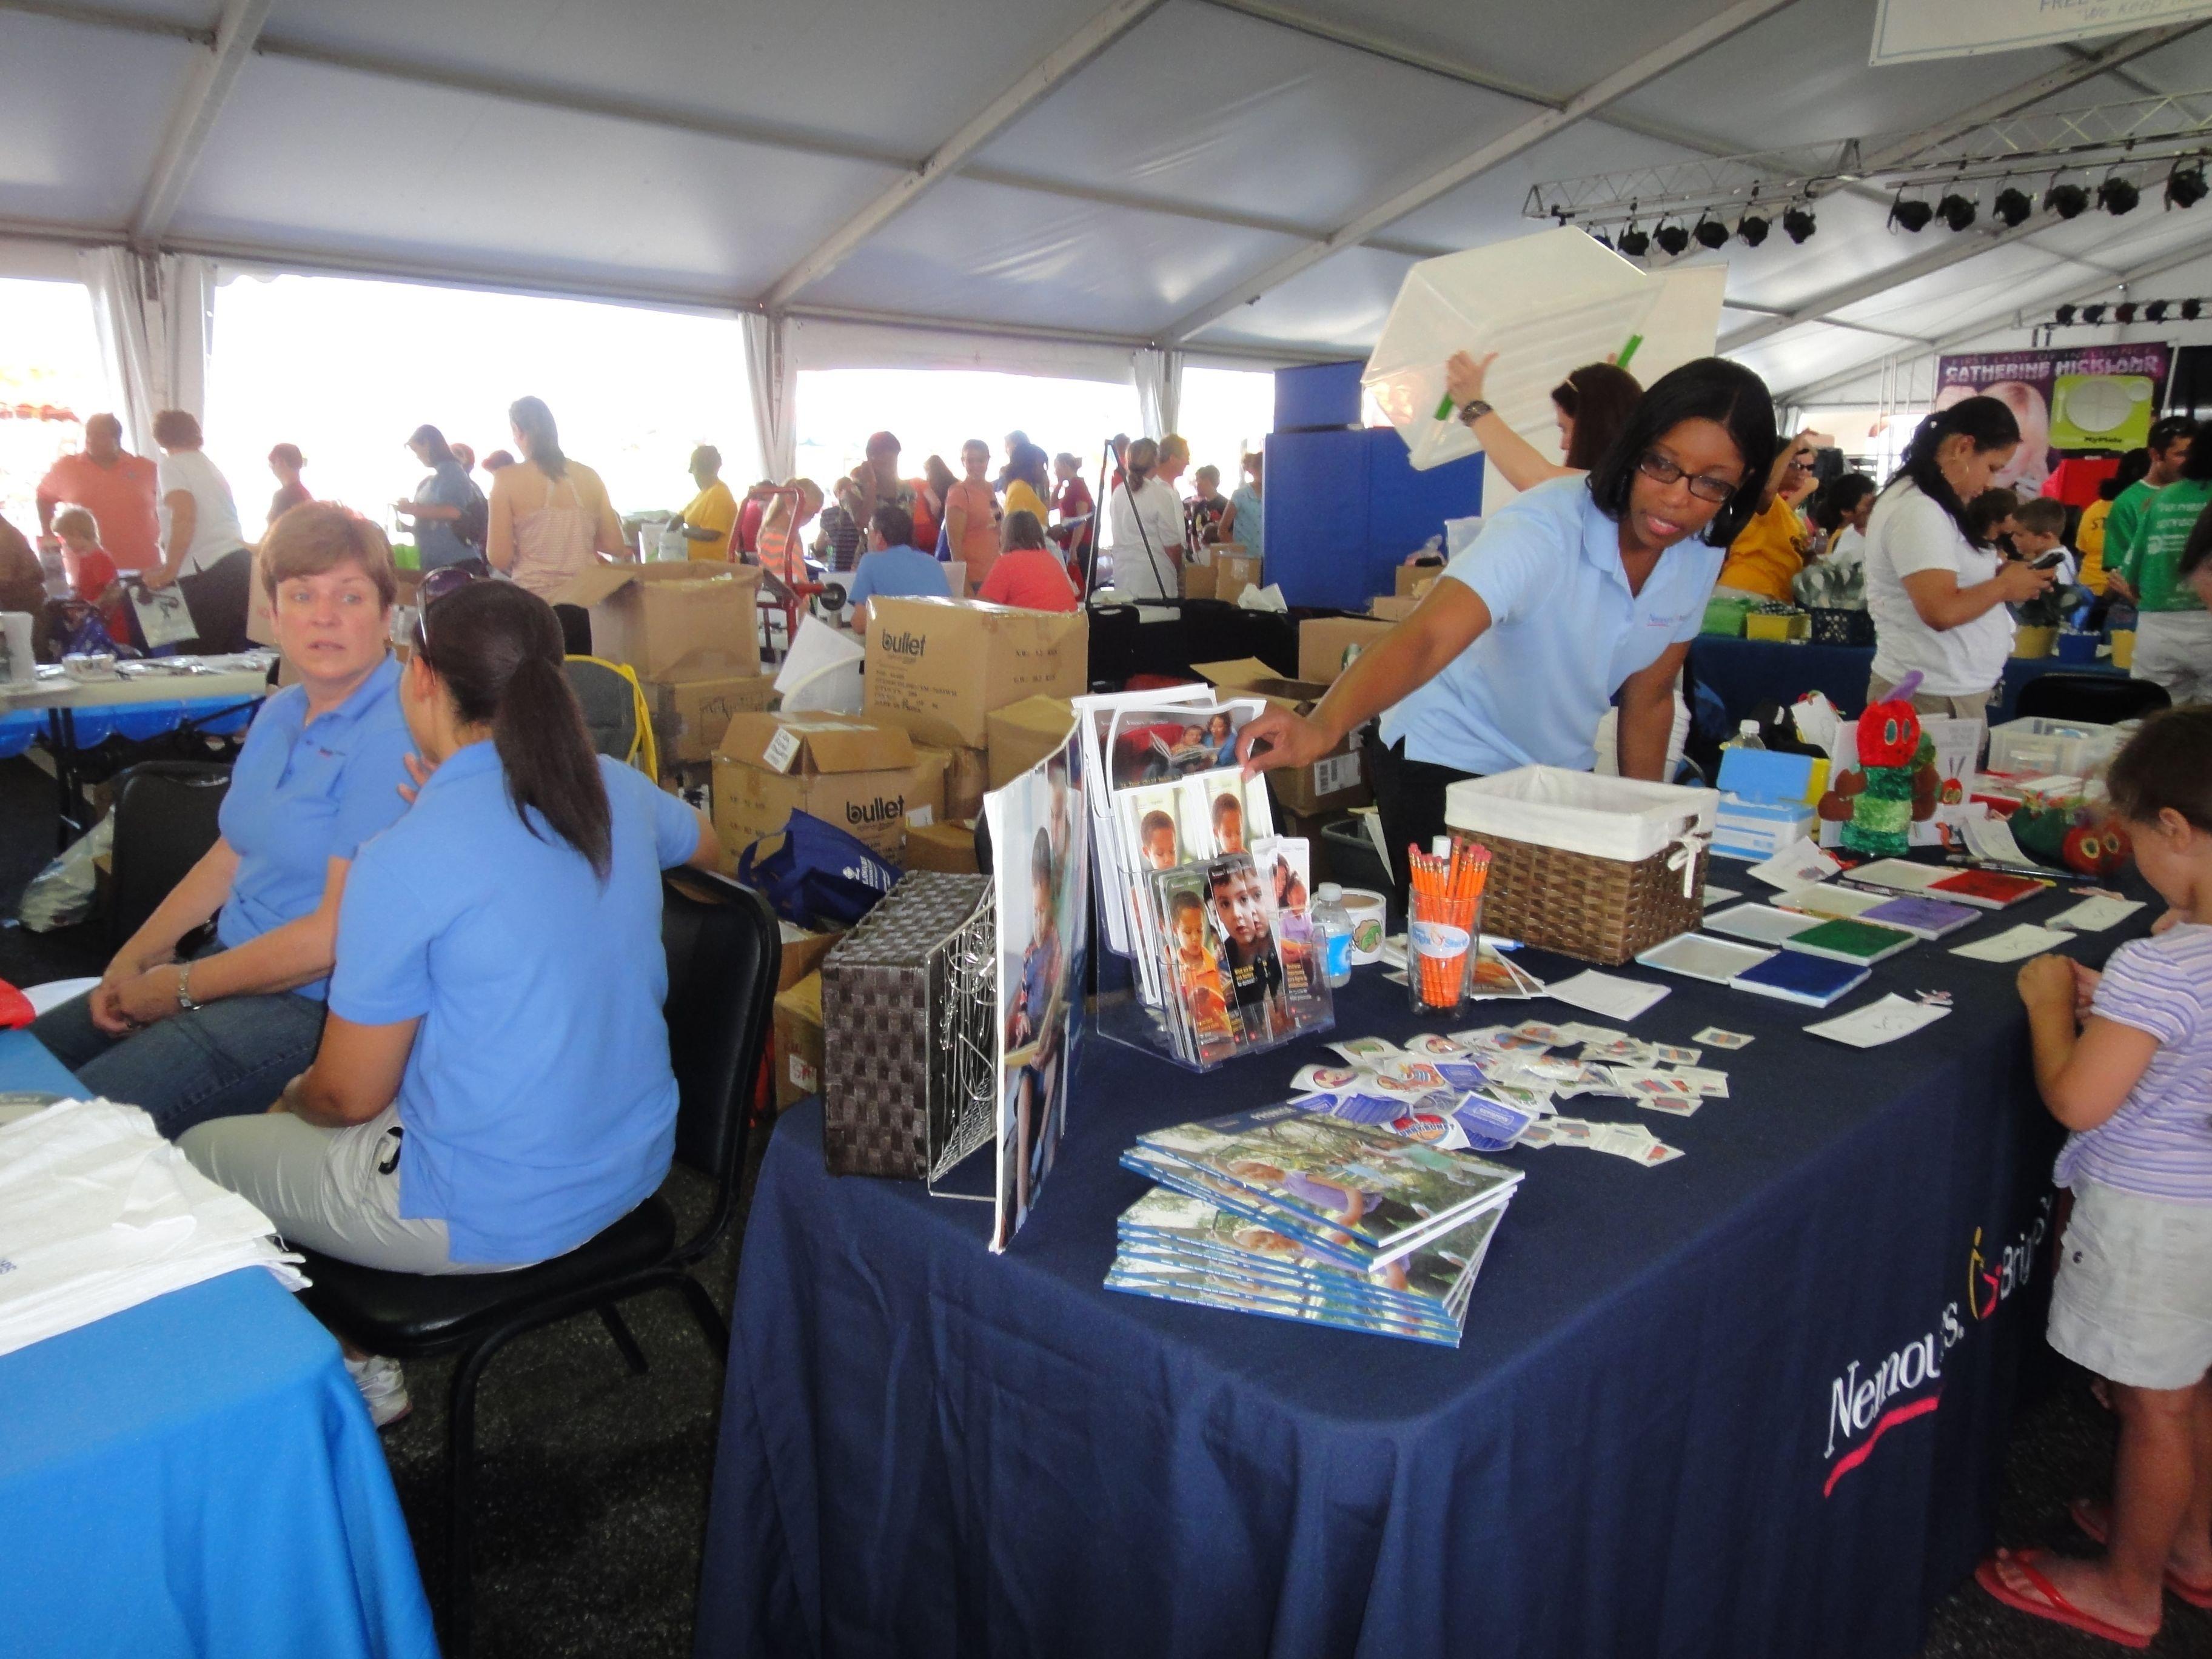 10 Stylish Health Fair Ideas For Kids asante diabetes care booth at the health fair rogue valley health 2021